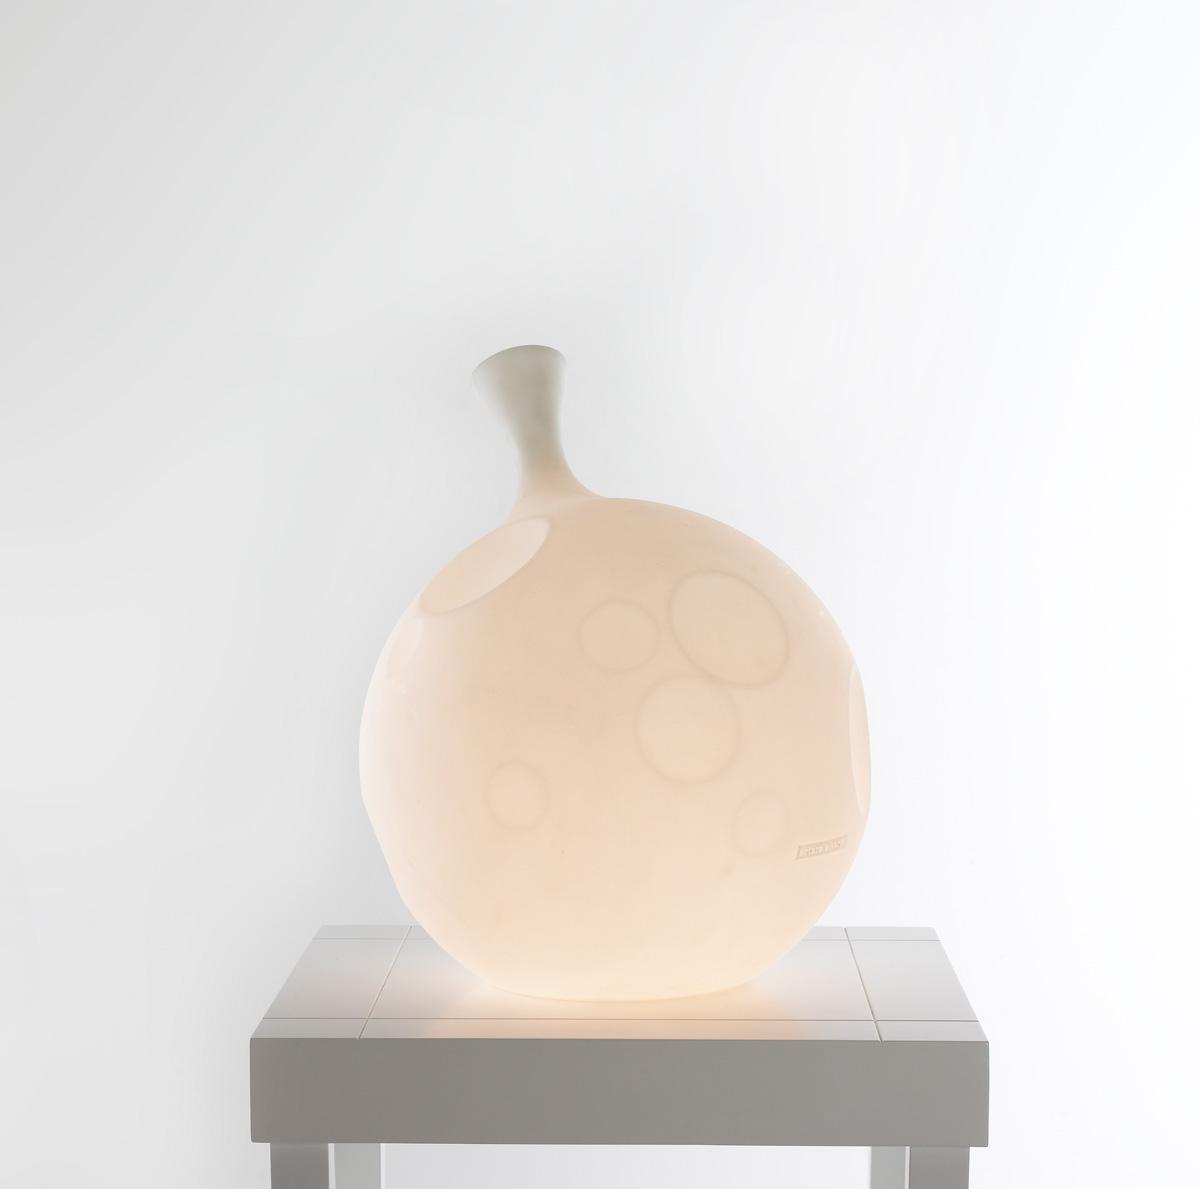 Arturo alvarez lua l mpara of floor lamp indoor lu01 - Lamparas arturo alvarez ...